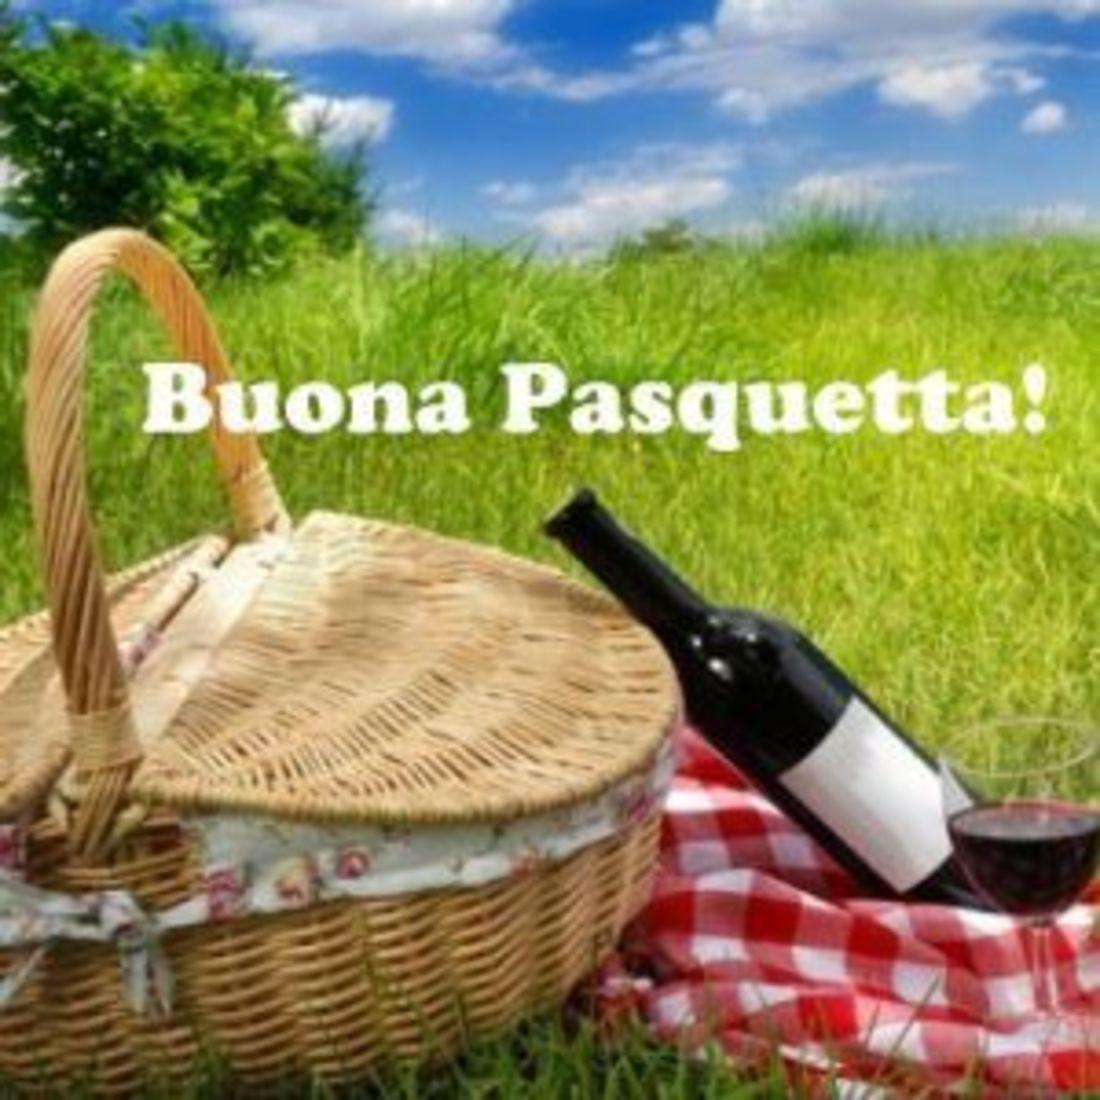 Buona Pasquetta Picnic